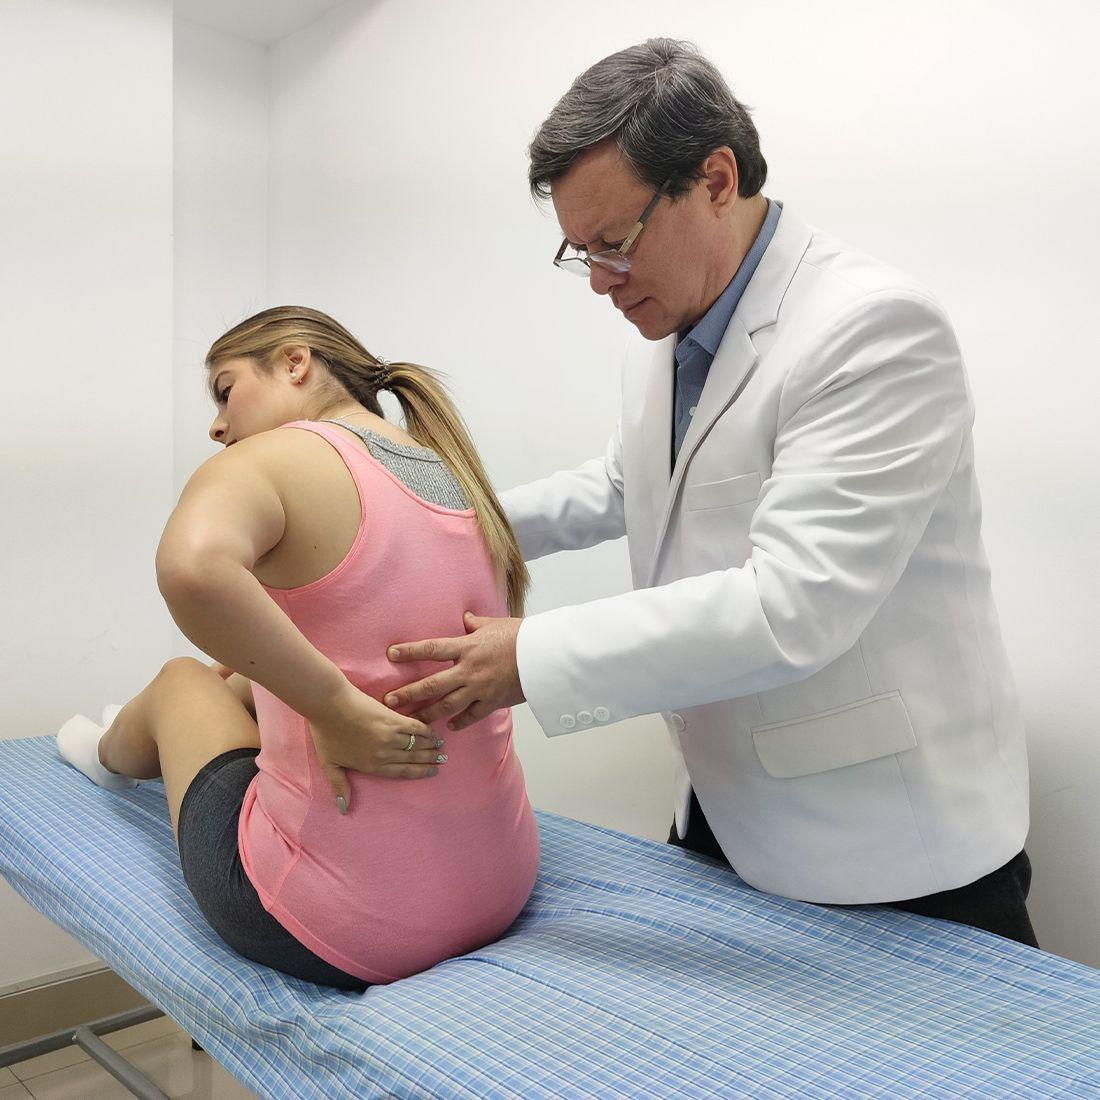 medico evalua espalda a paciente con estenosis lumbar